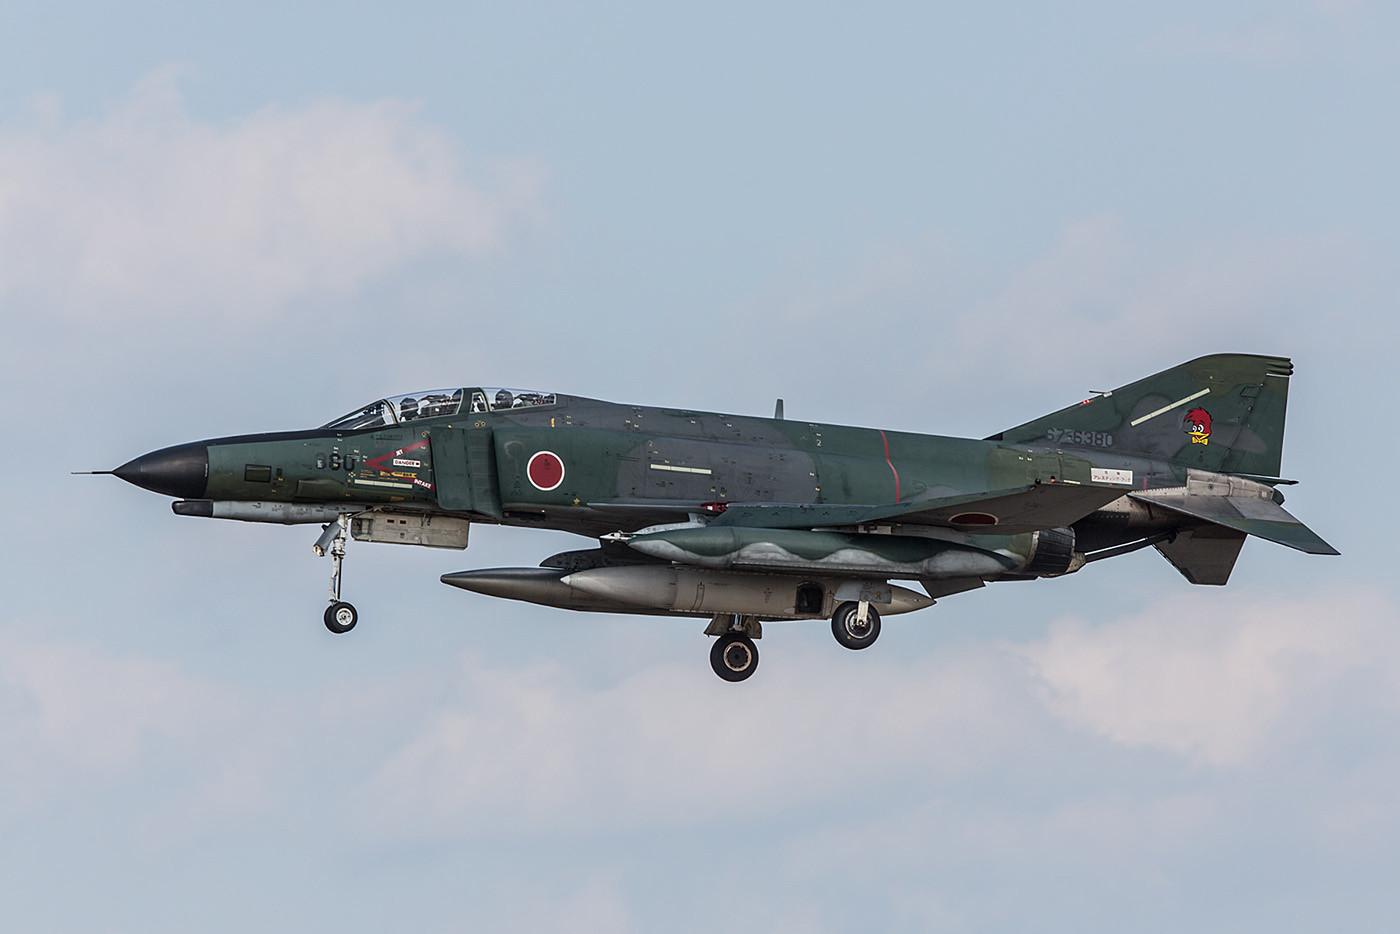 RF-4EJ Kai der 501 Hikotai aus Hyakuri, schön dass sie immer noch fliegen.